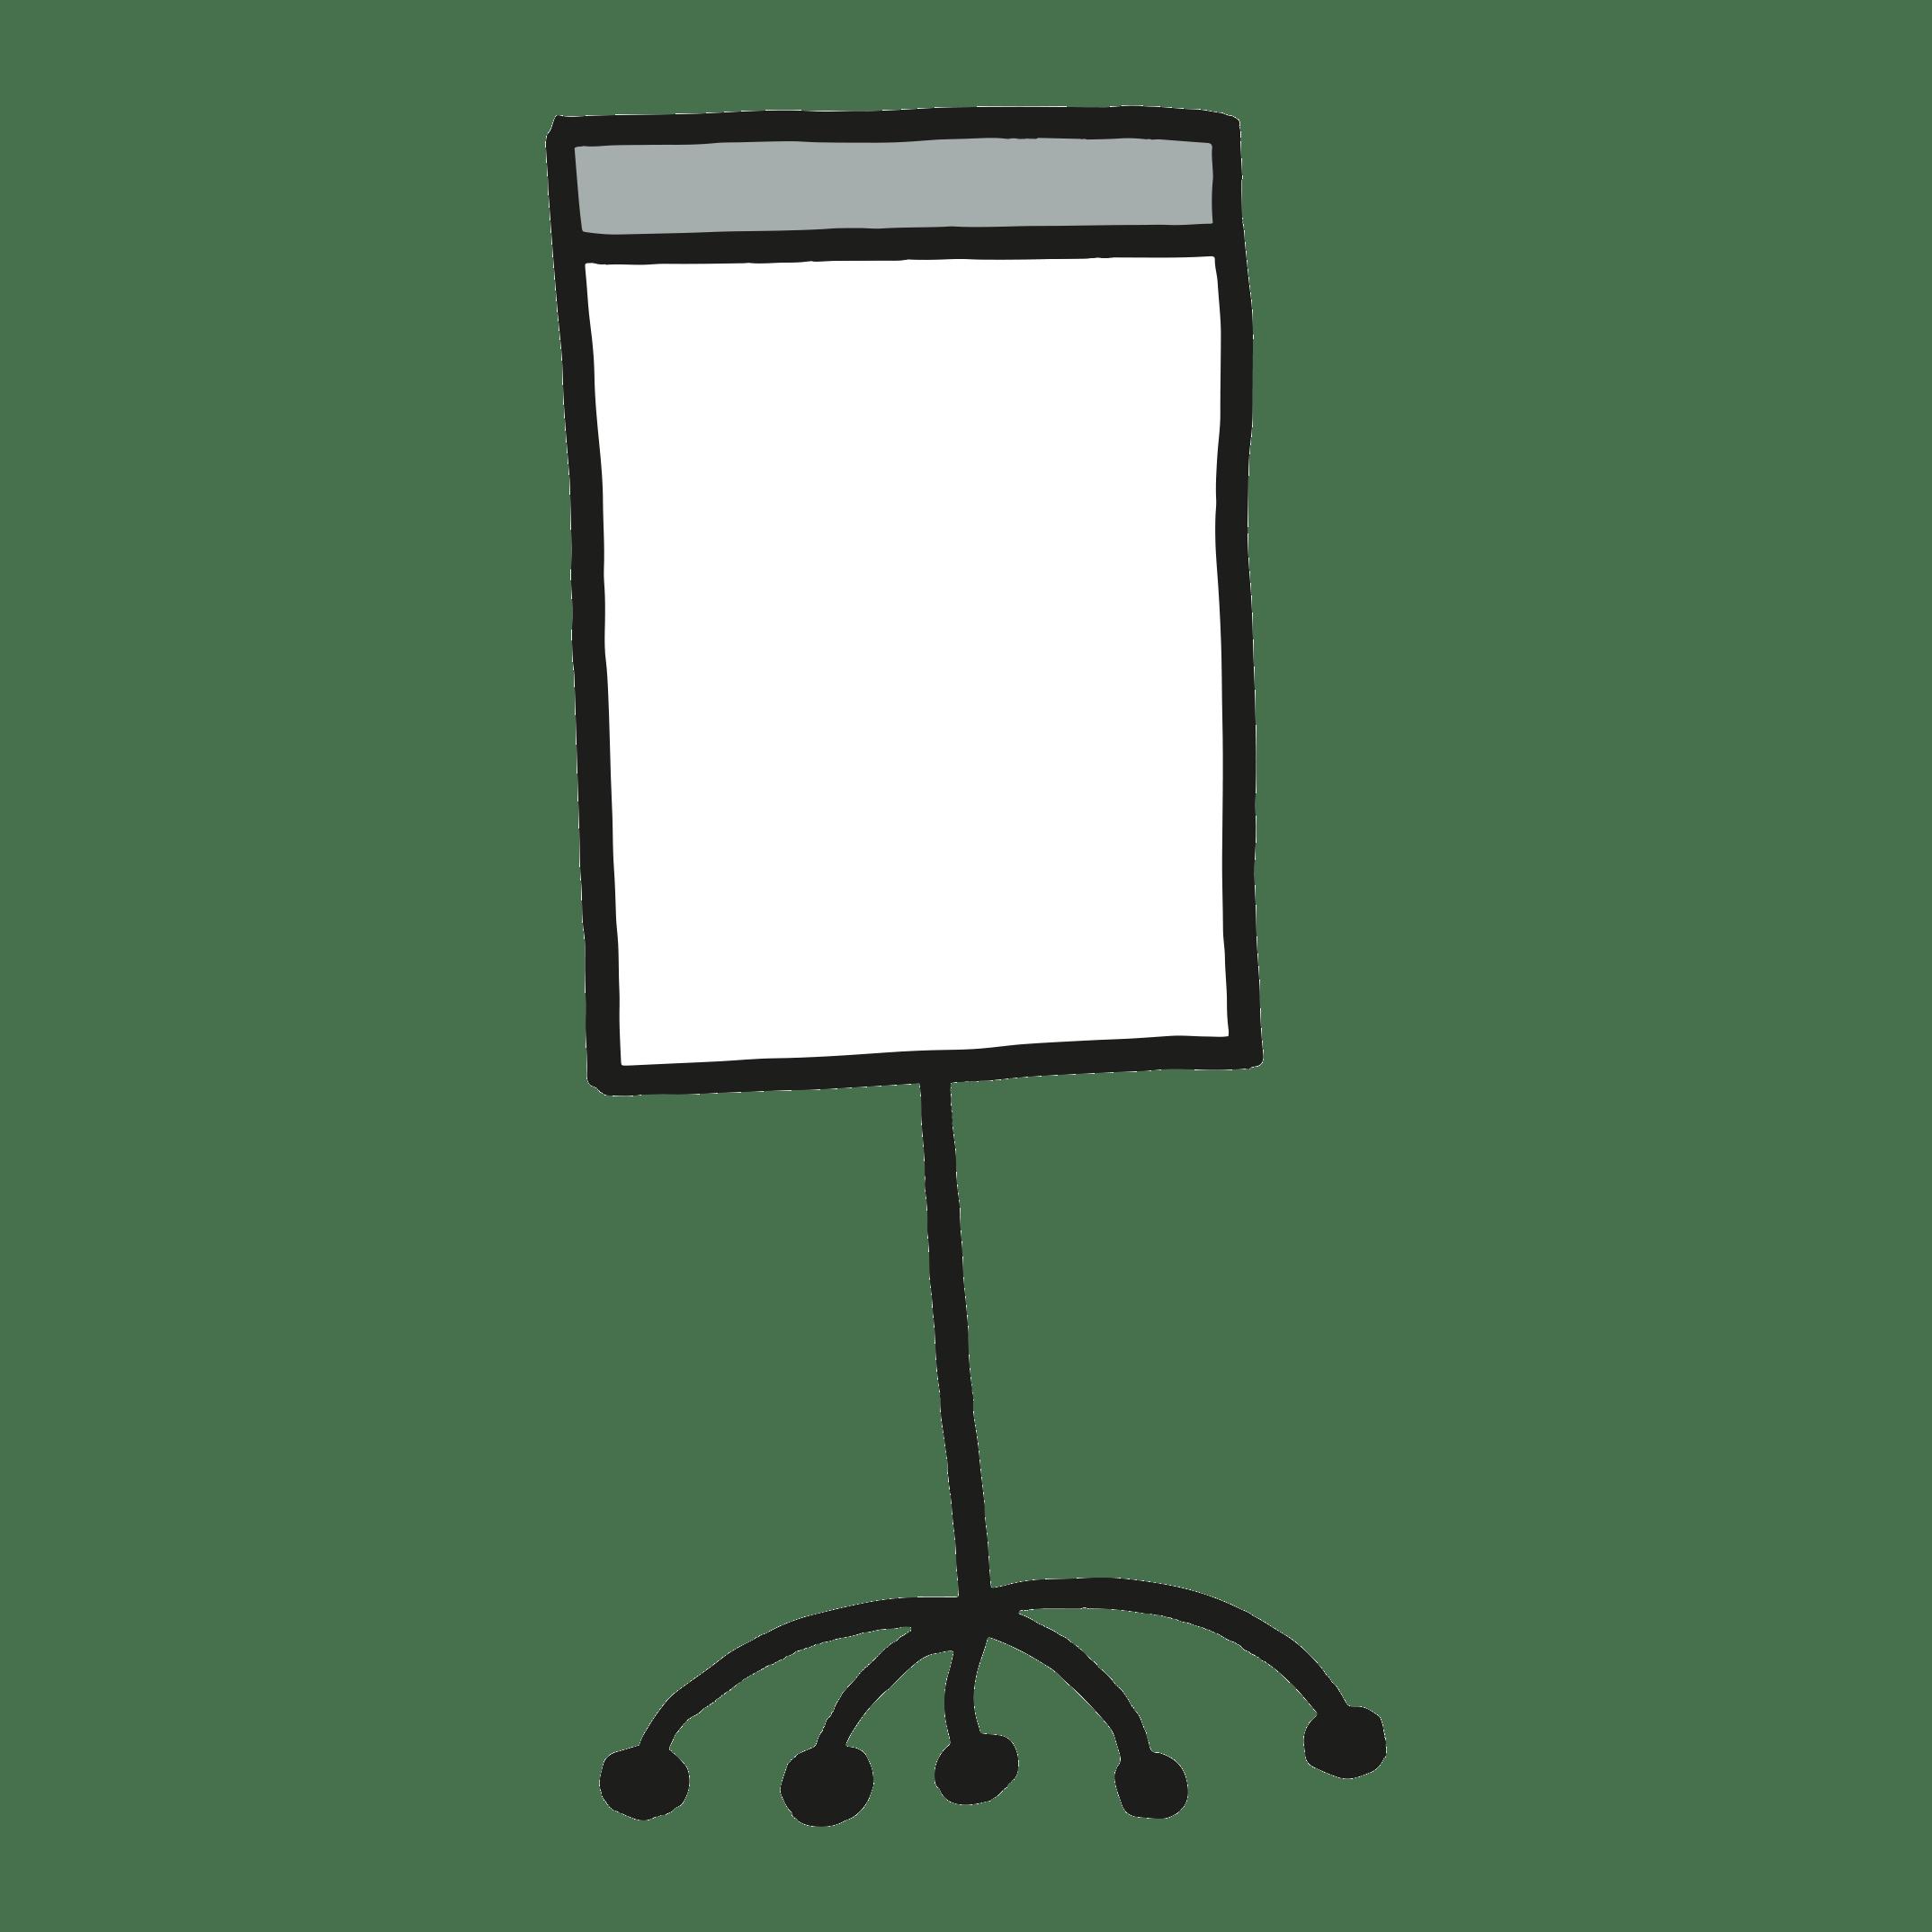 Flipchart gestalten, Gedanken und Ideen illustrieren